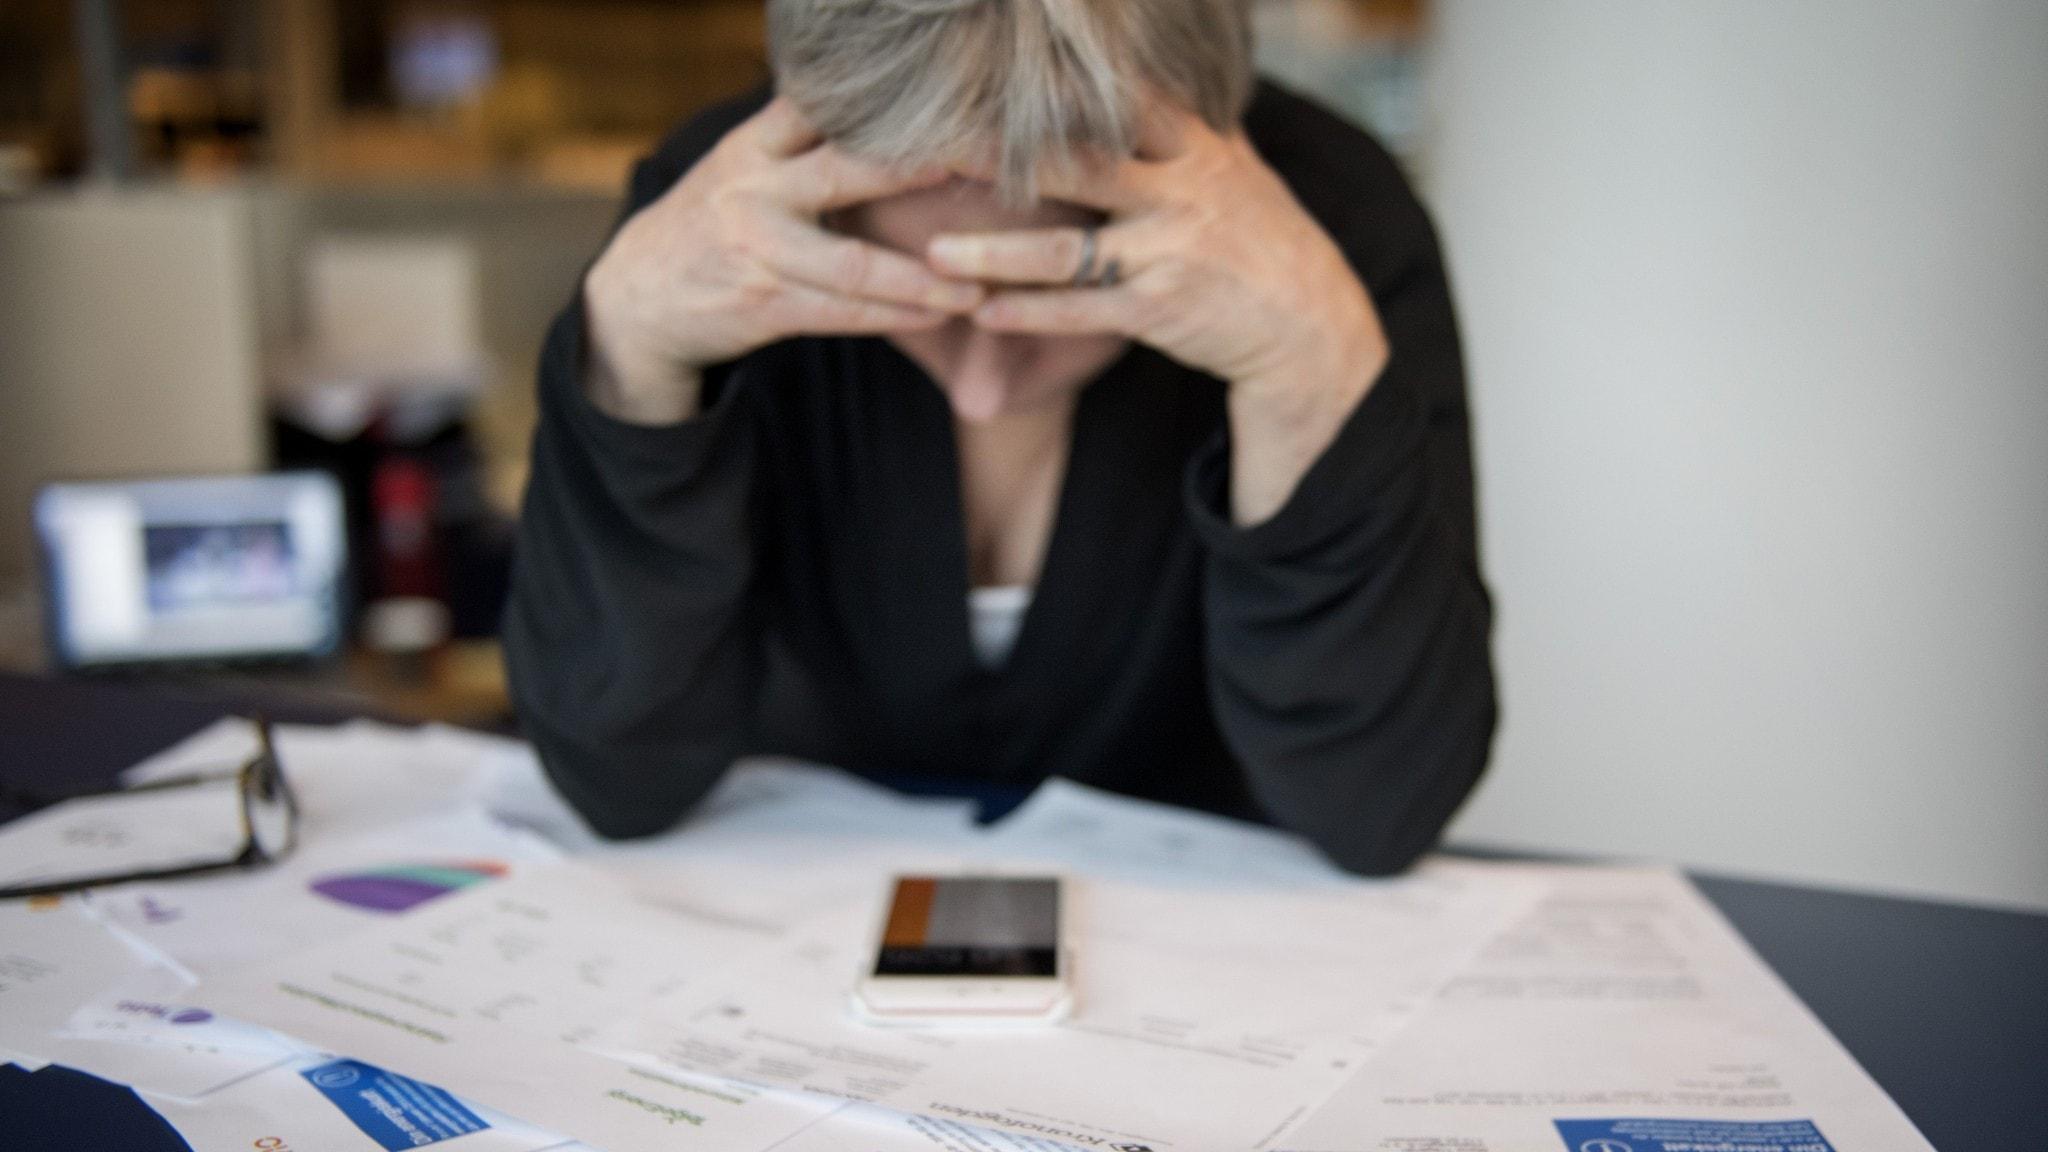 Kvinna sitter framför bord med räkningar. Håller huvudet i händerna.